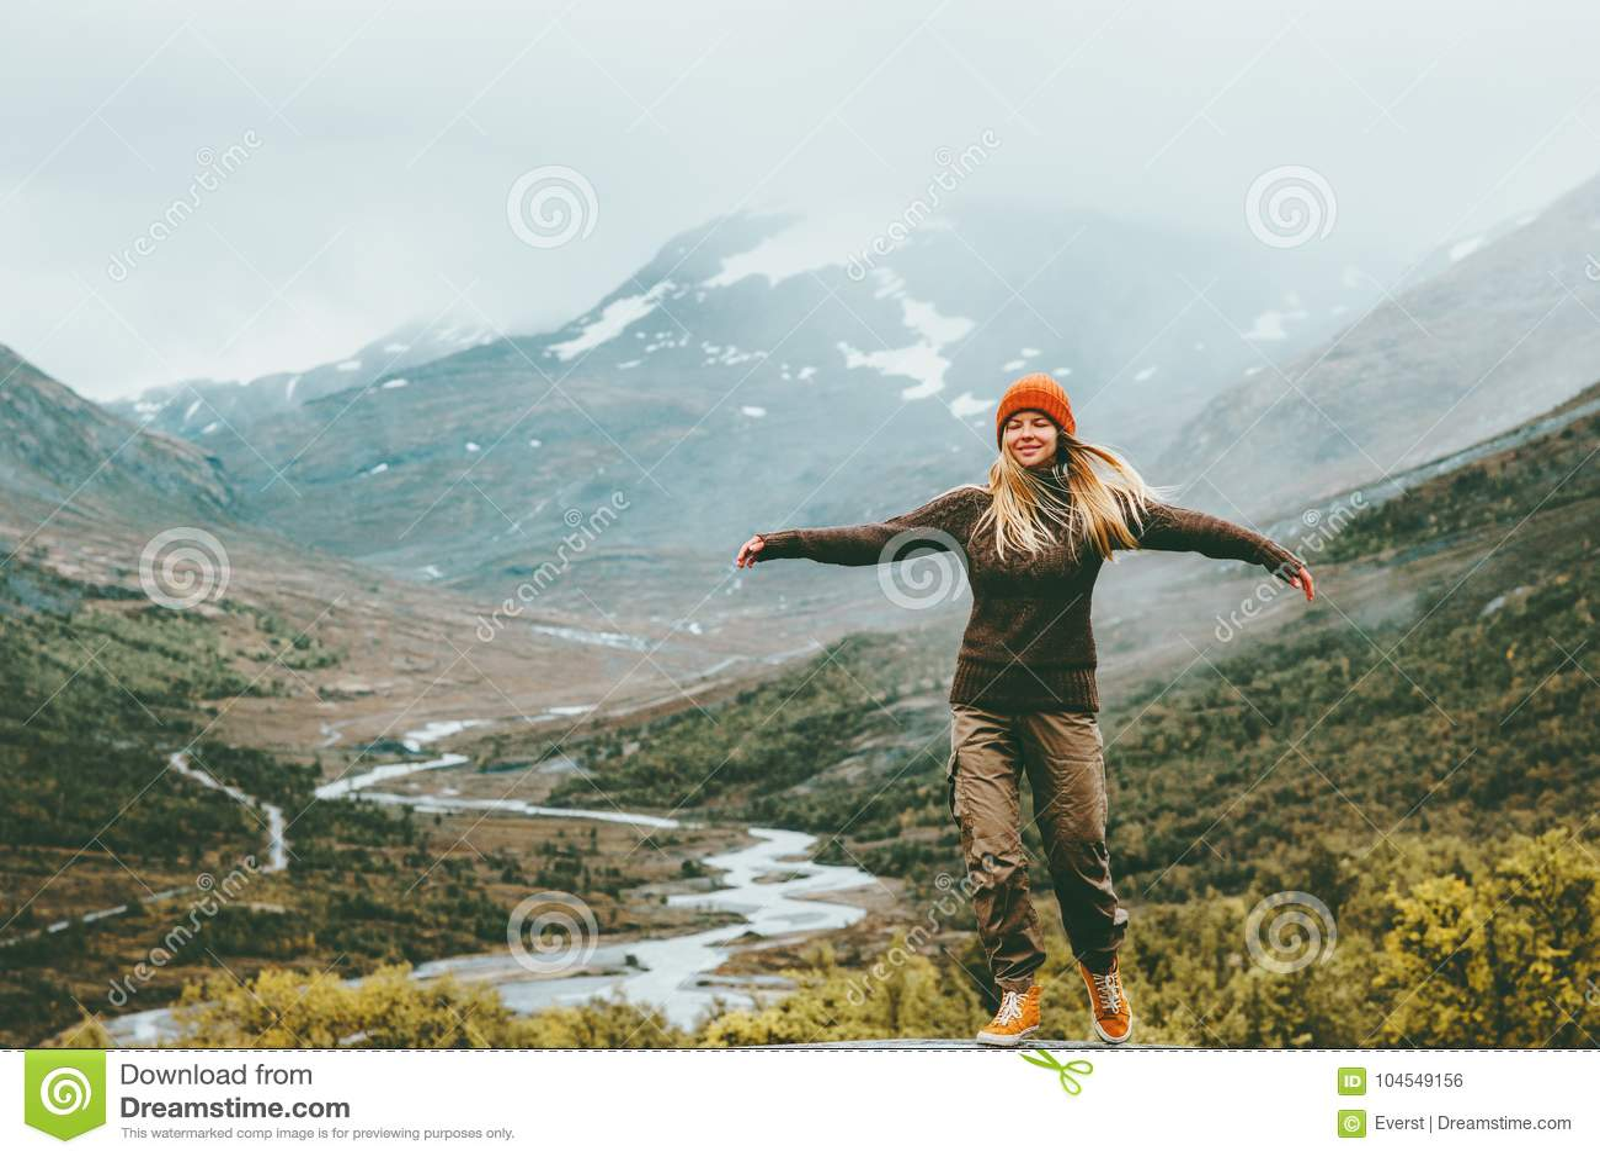 Montañas de niebla aumentadas emocionales de las manos de la dicha de la mujer